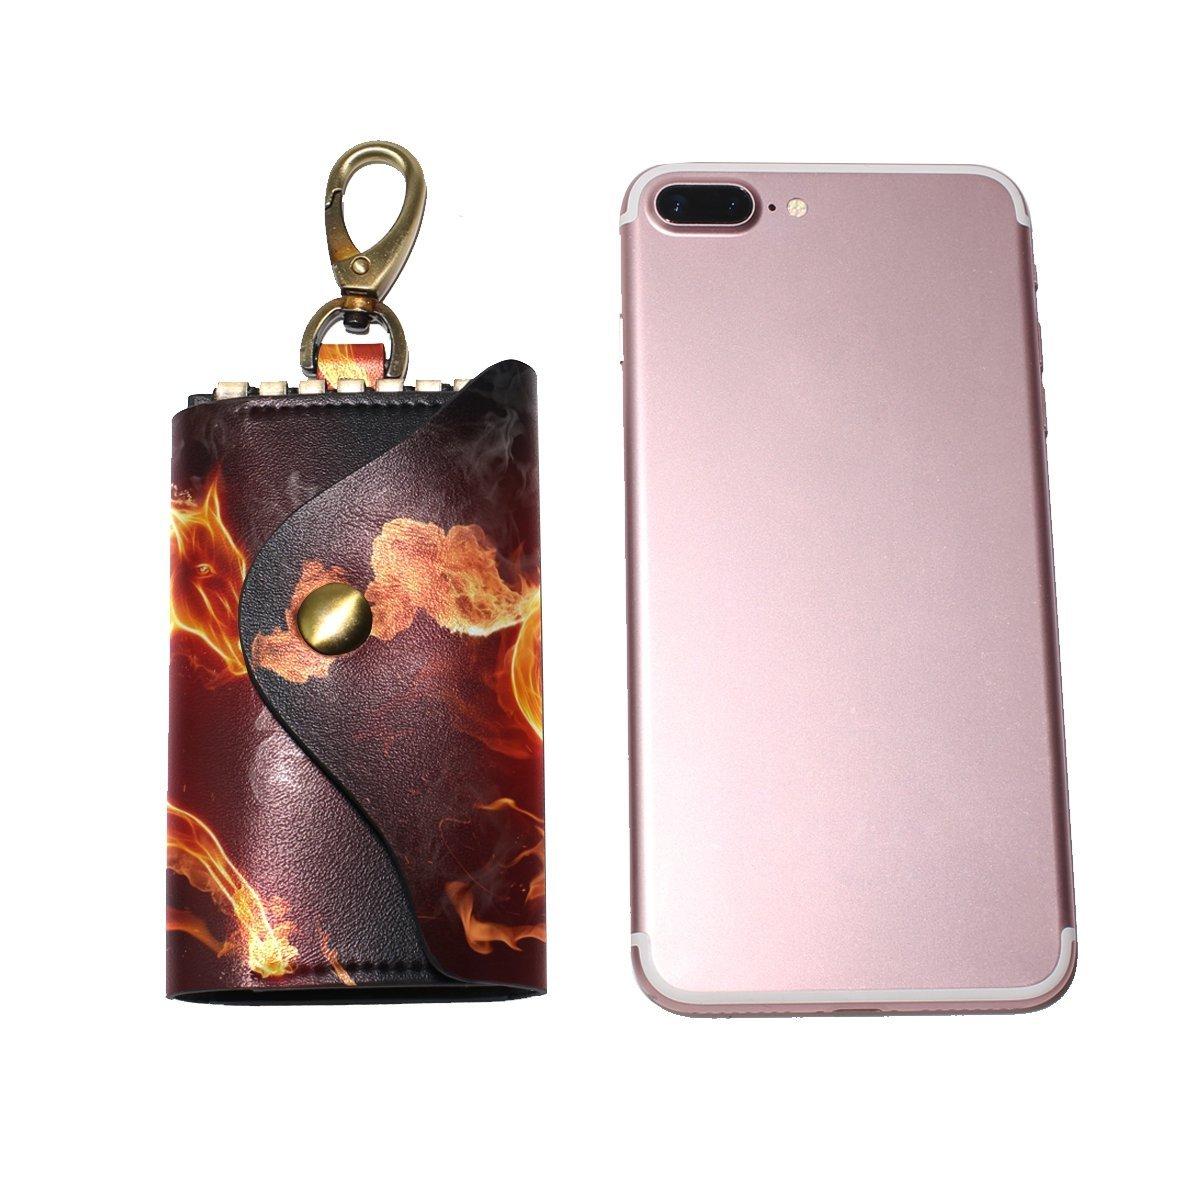 DEYYA Horse Flames Leather Key Case Wallets Unisex Keychain Key Holder with 6 Hooks Snap Closure